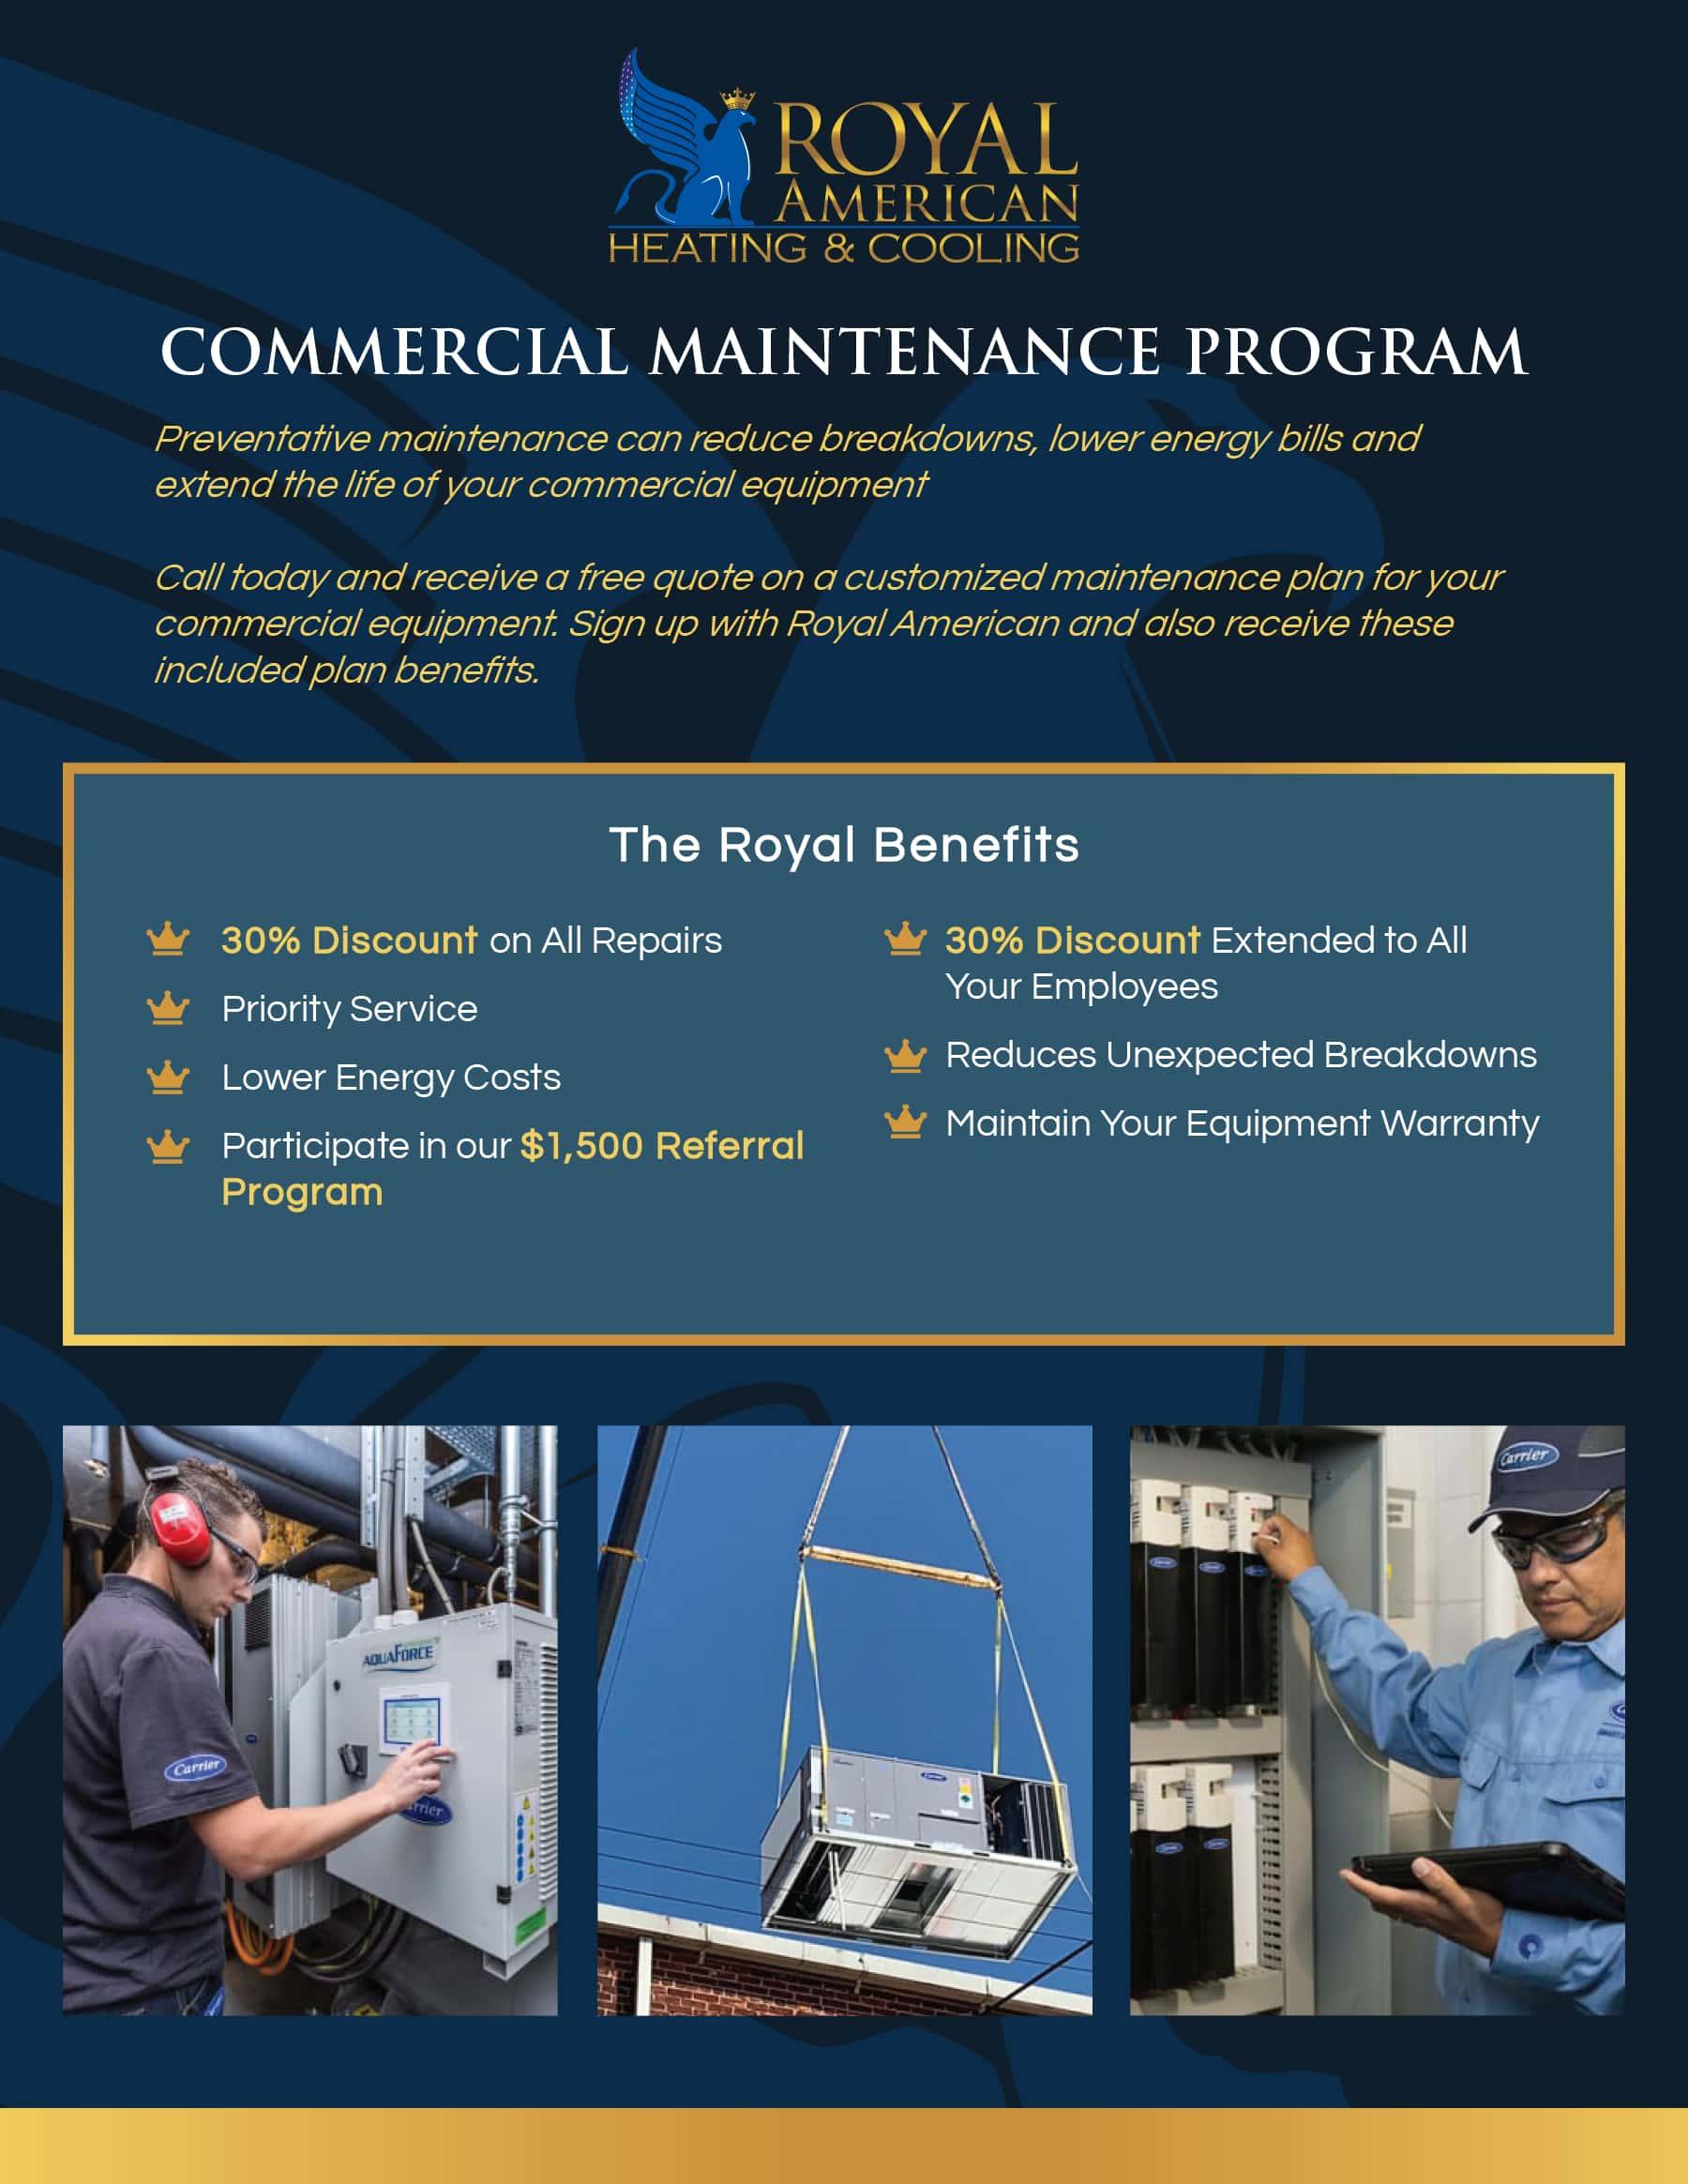 ROY-Com-Maintenance-FL-2